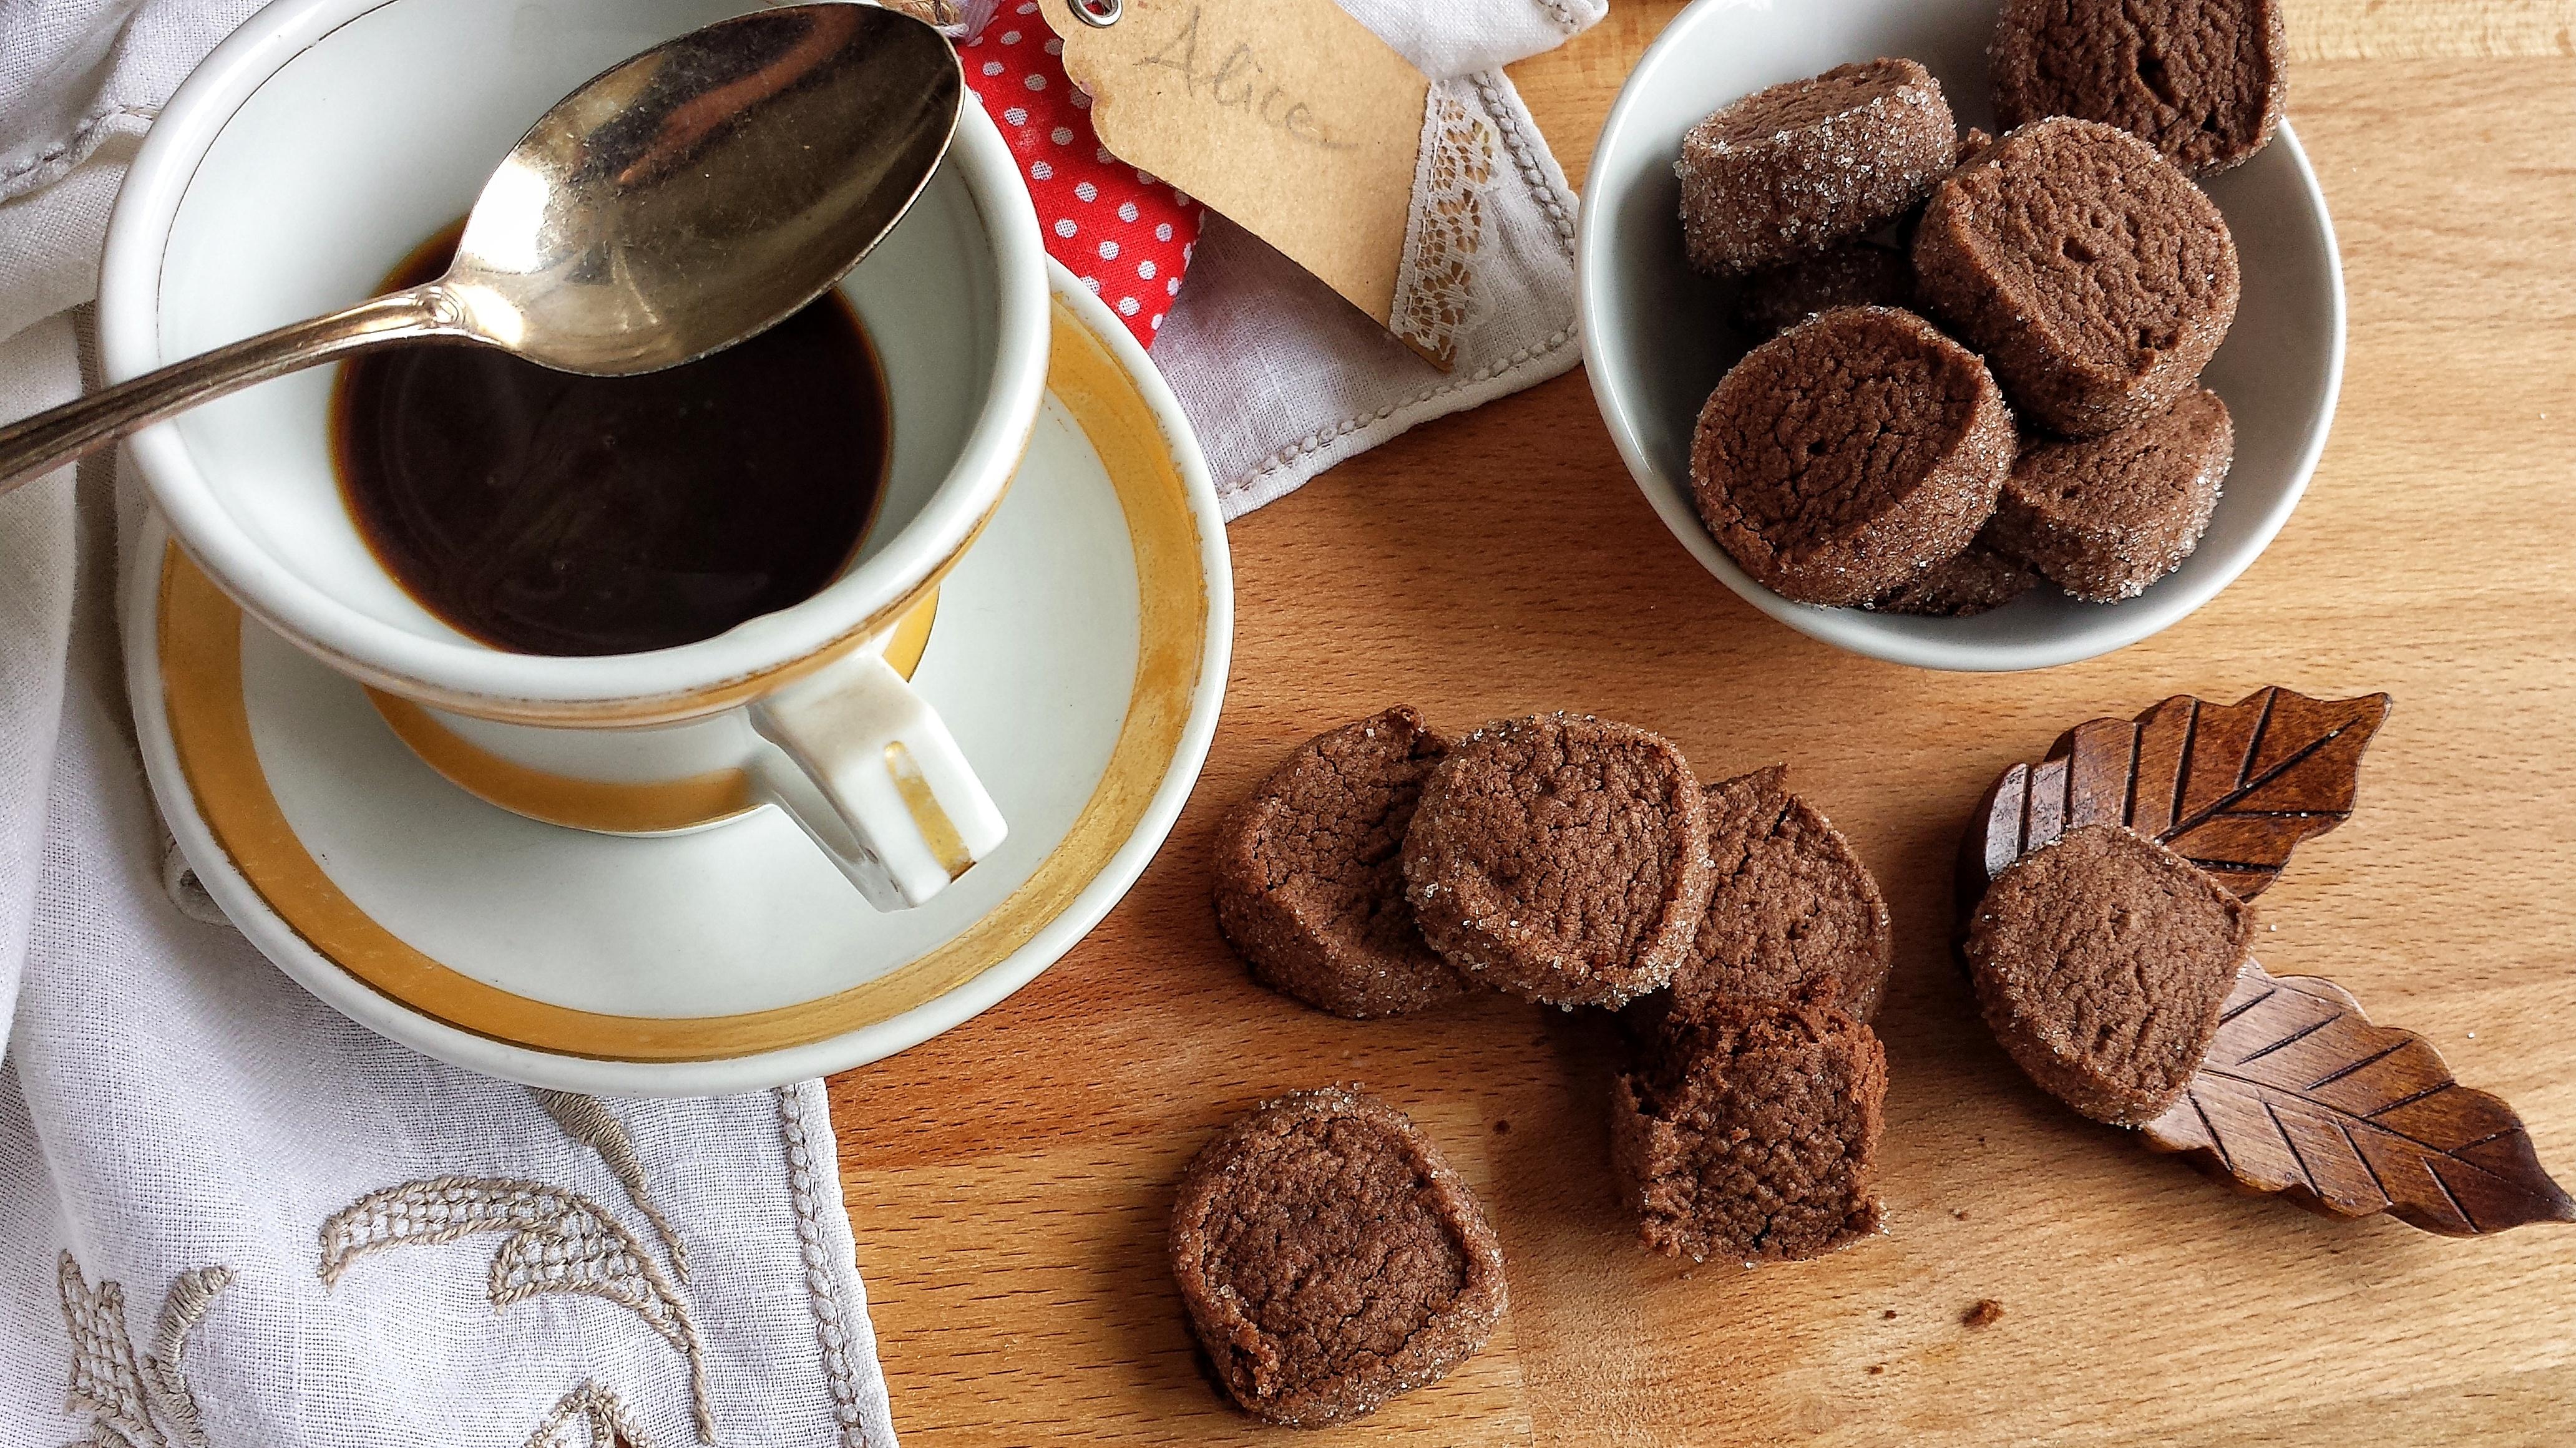 Pepite cioccolato e caffè